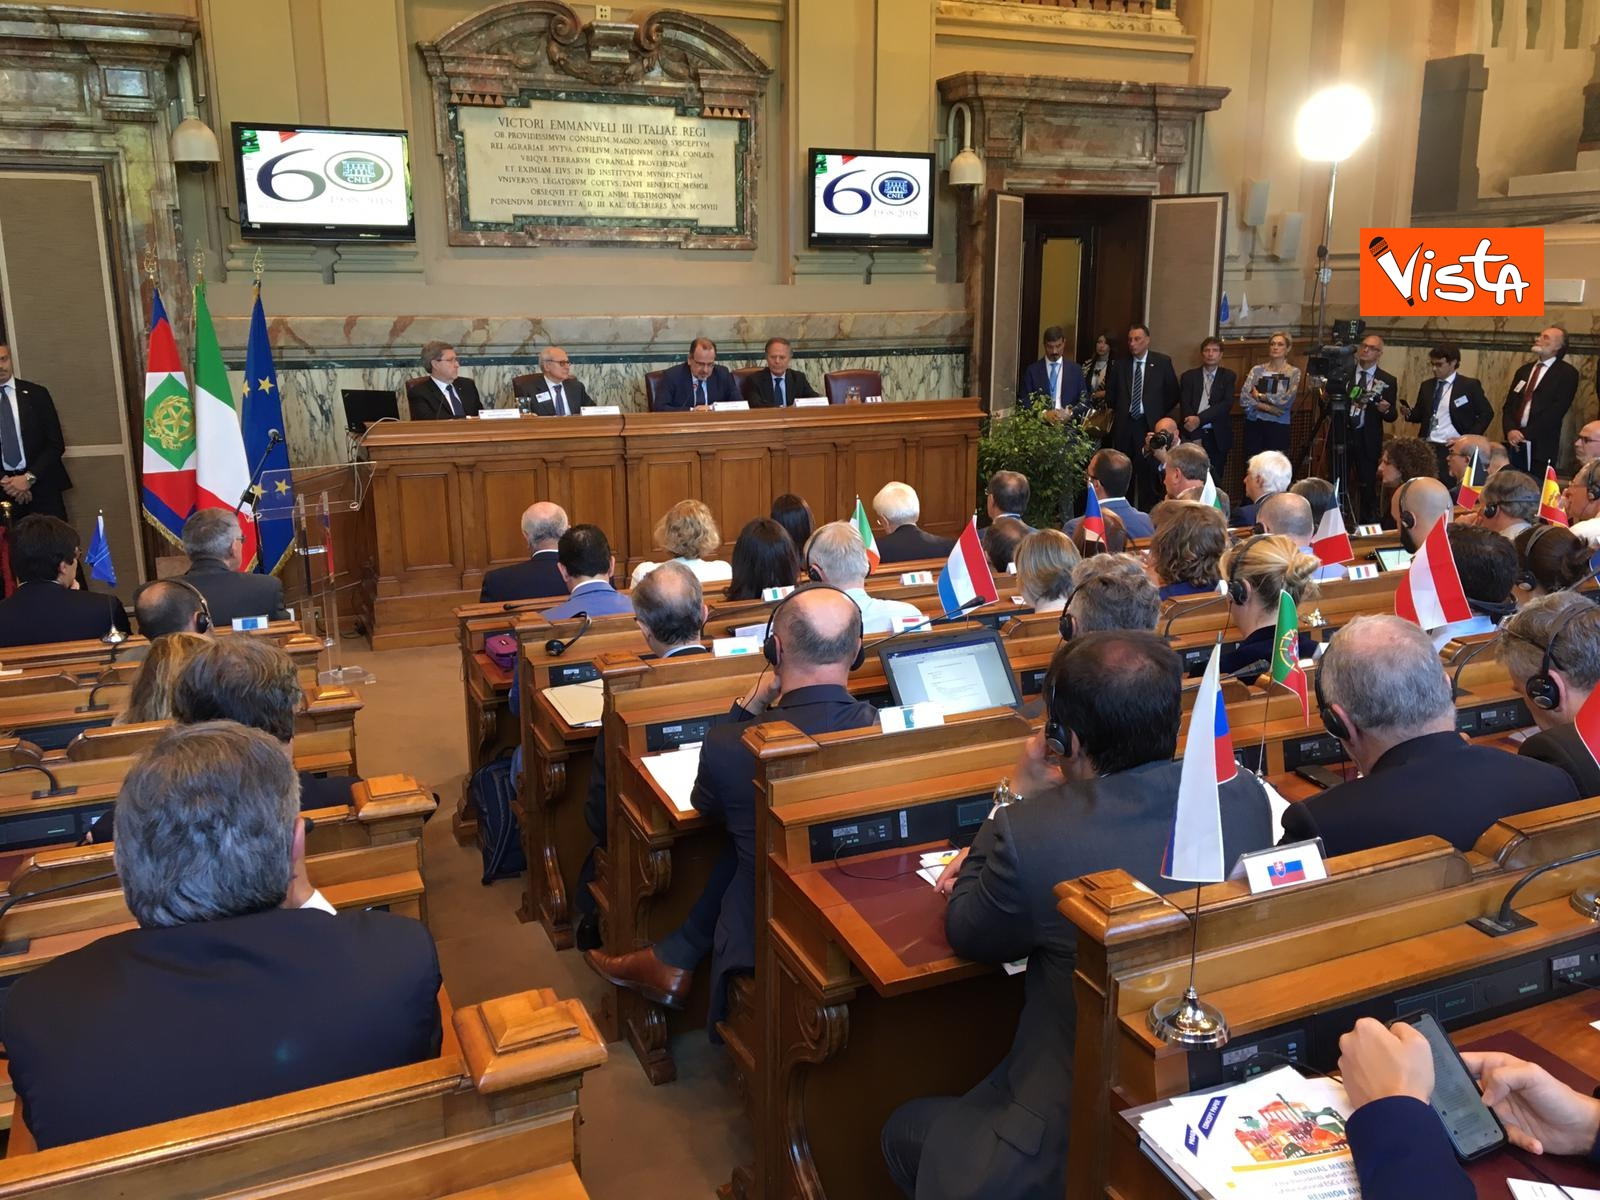 13-06-19 Mattarella a riunione Cnel europei a Roma_11